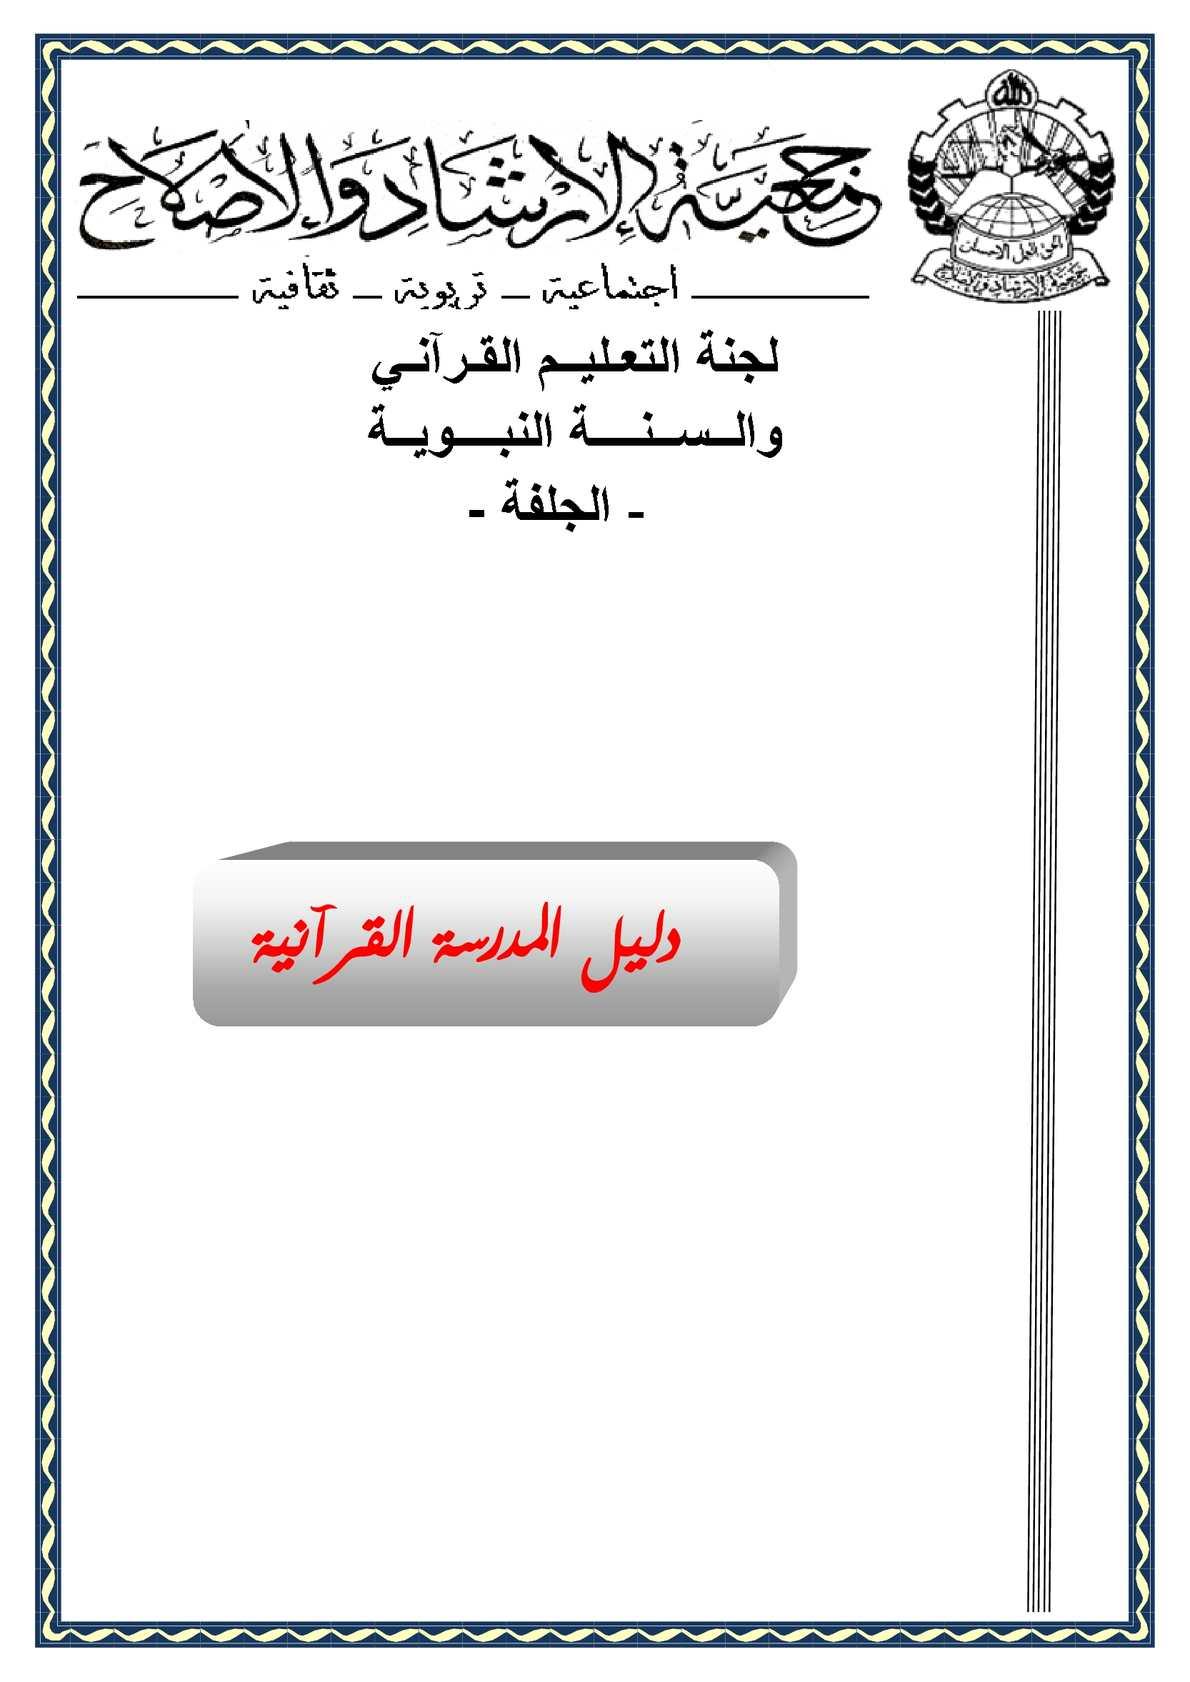 دليل المدرسة القرآنية لجمعية الارشاد والاصلاح -الجلفة